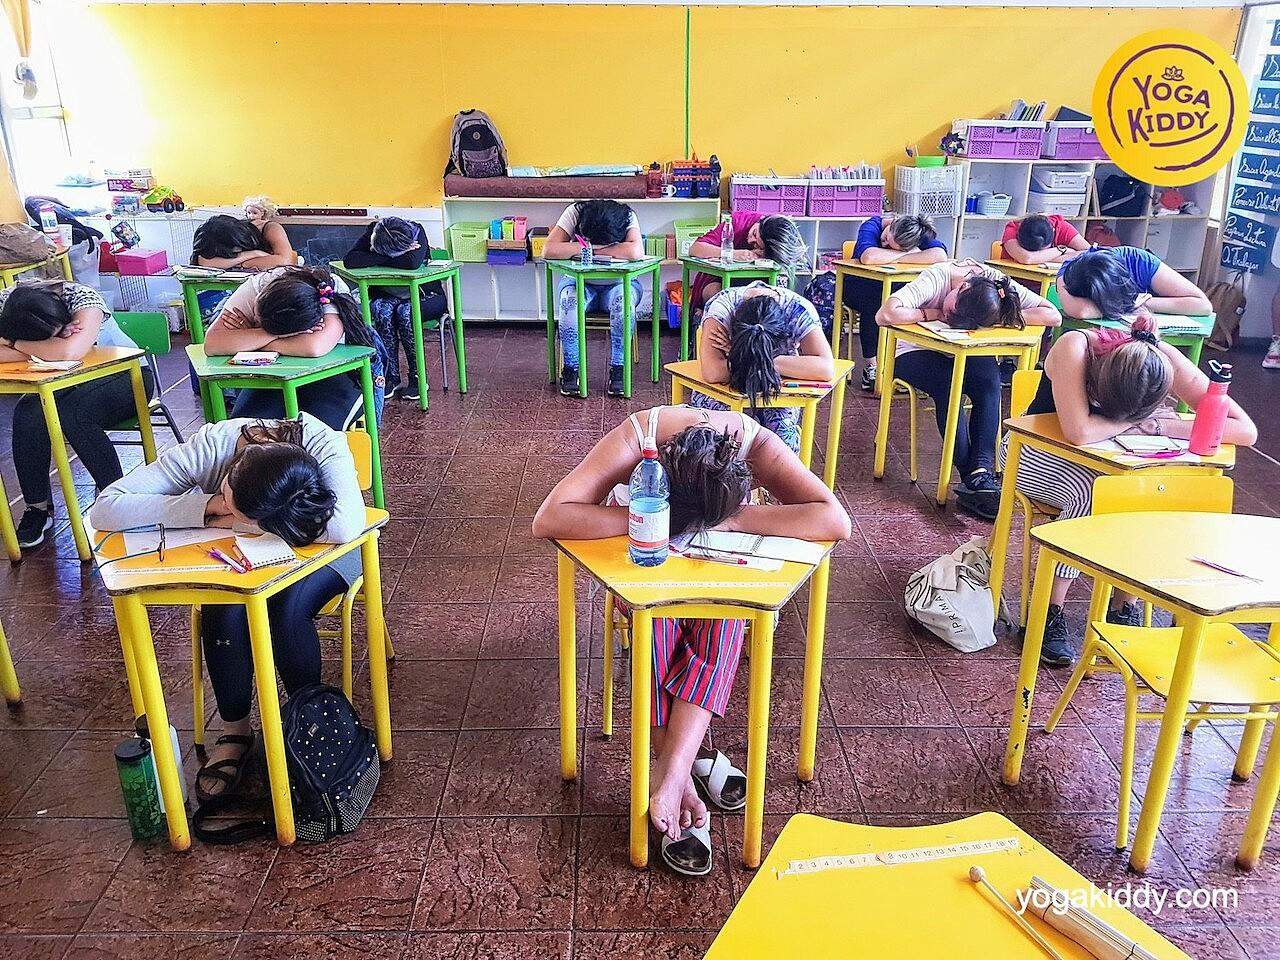 yoga en el aula sala de clase yogakiddy 0023